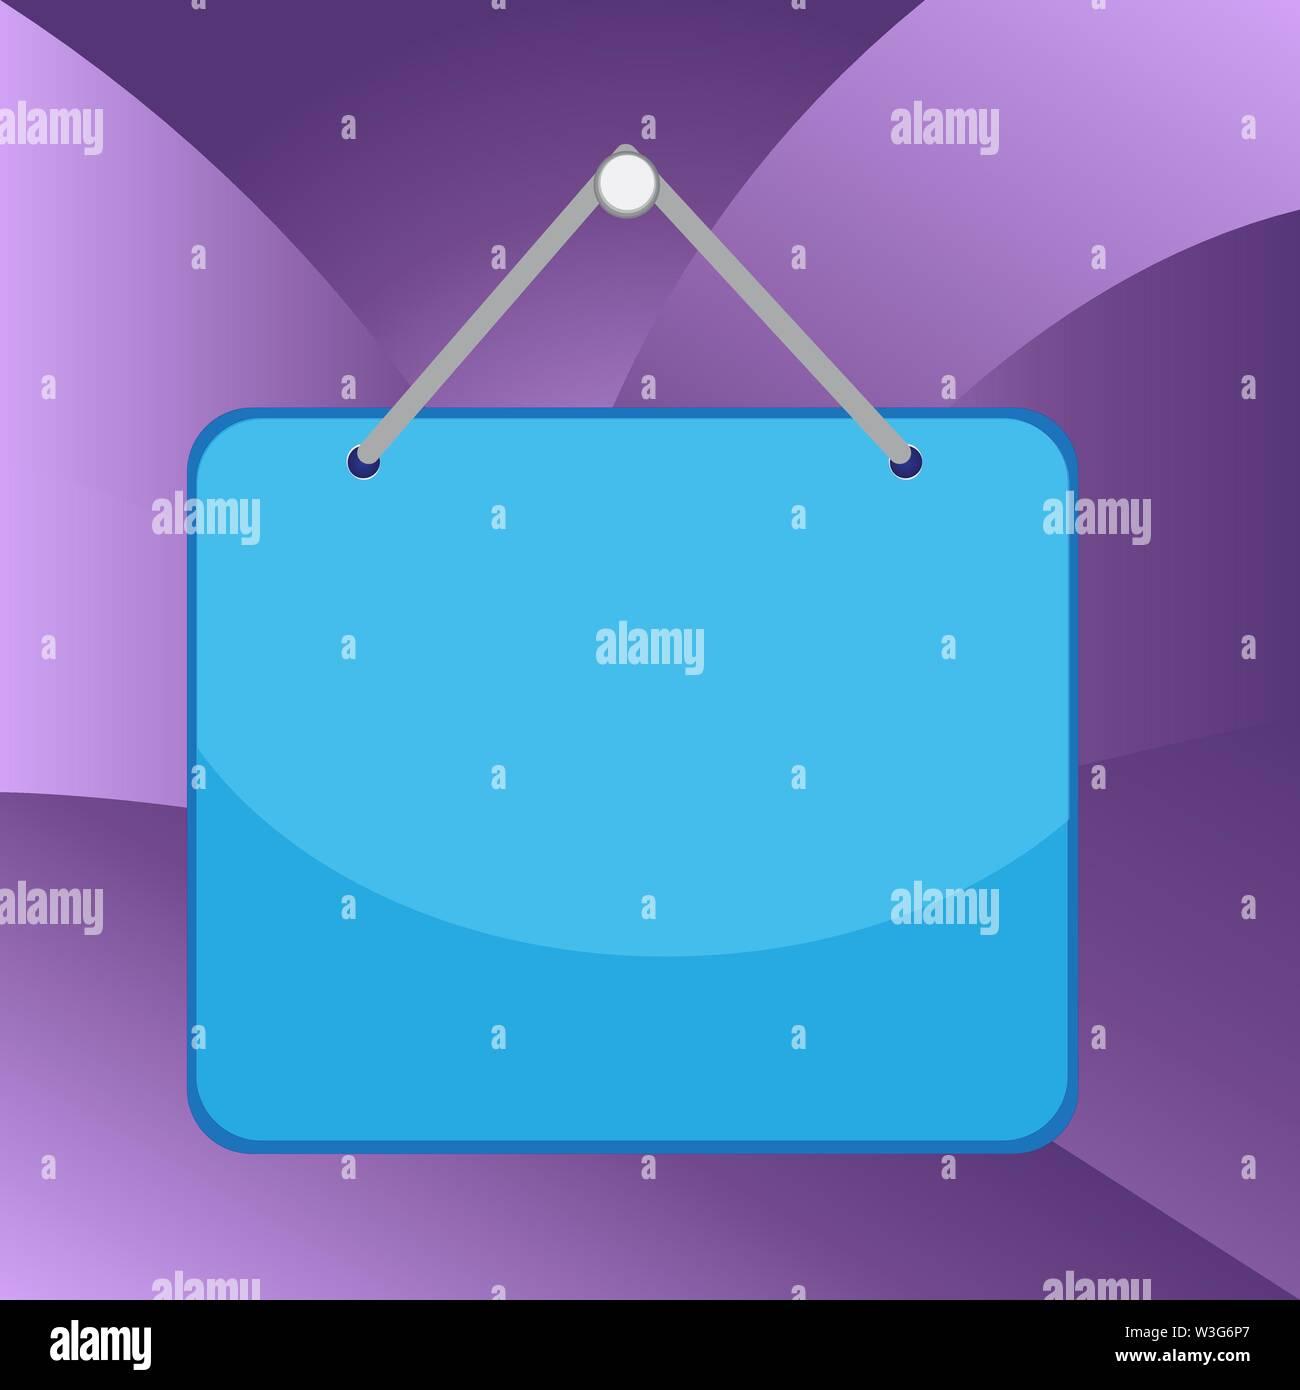 Note de rappel de couleur plateau vide espace fixer le rectangle d'arrière plan Design business copie vide texte espace pour la promotion de site web Ad Bann isolés Photo Stock